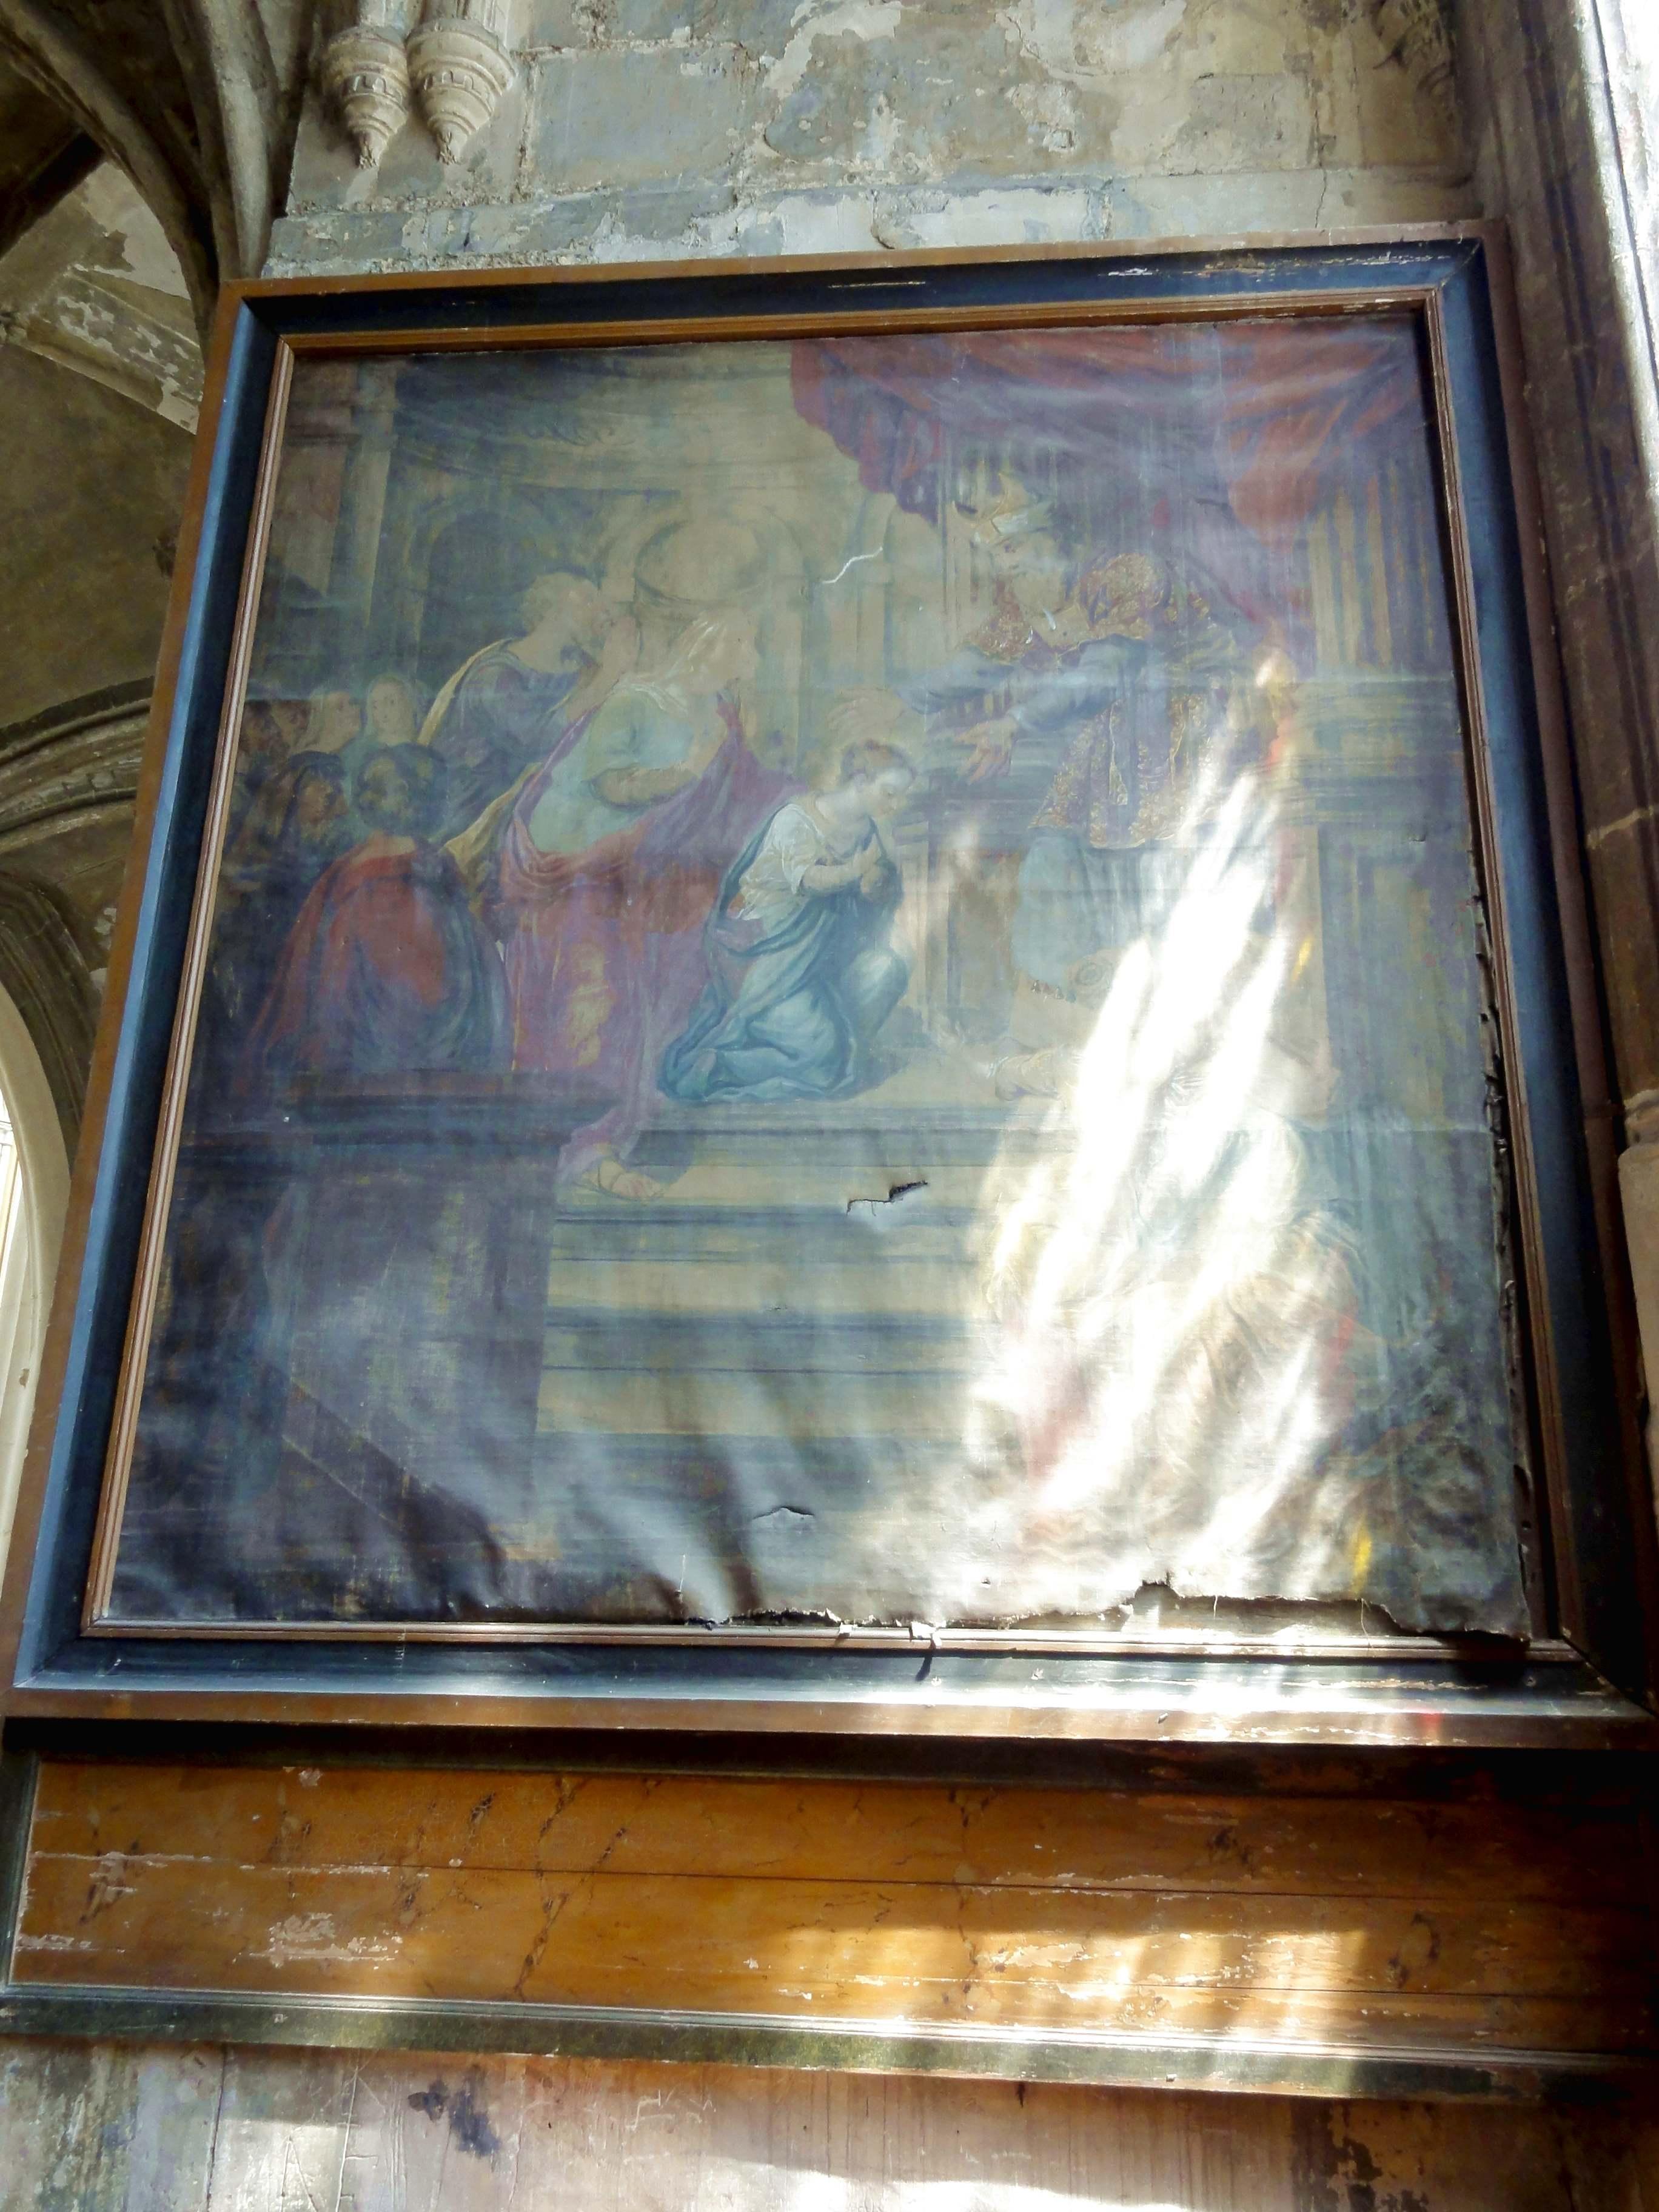 Fichier brie comte robert 77 glise saint tienne bas c t sud chapelle de la 1 re trav e - Meubles carla brie comte robert ...